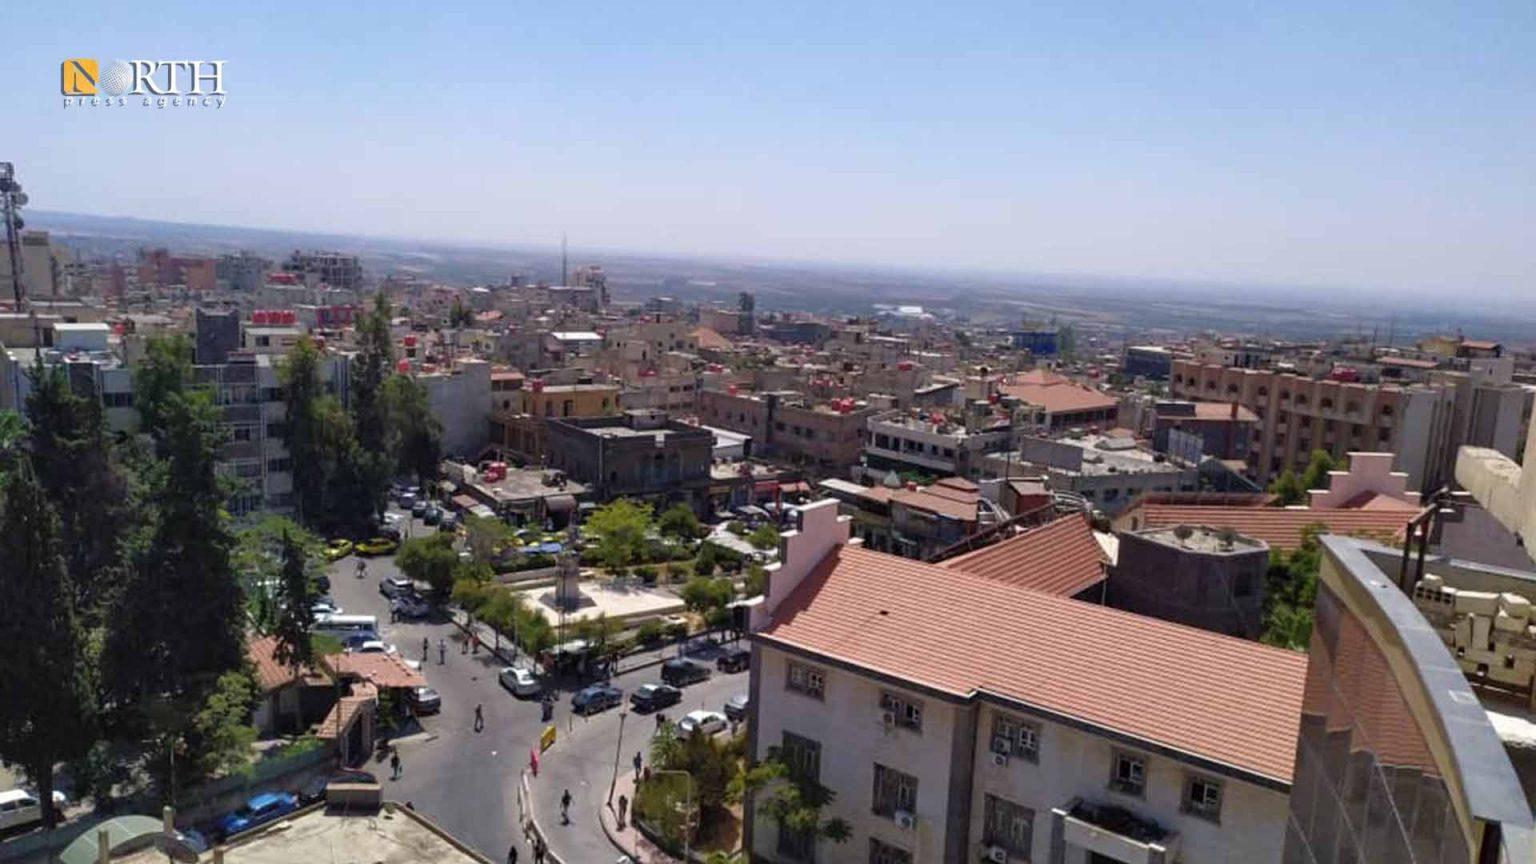 Suweida Daraa Clashes Syria